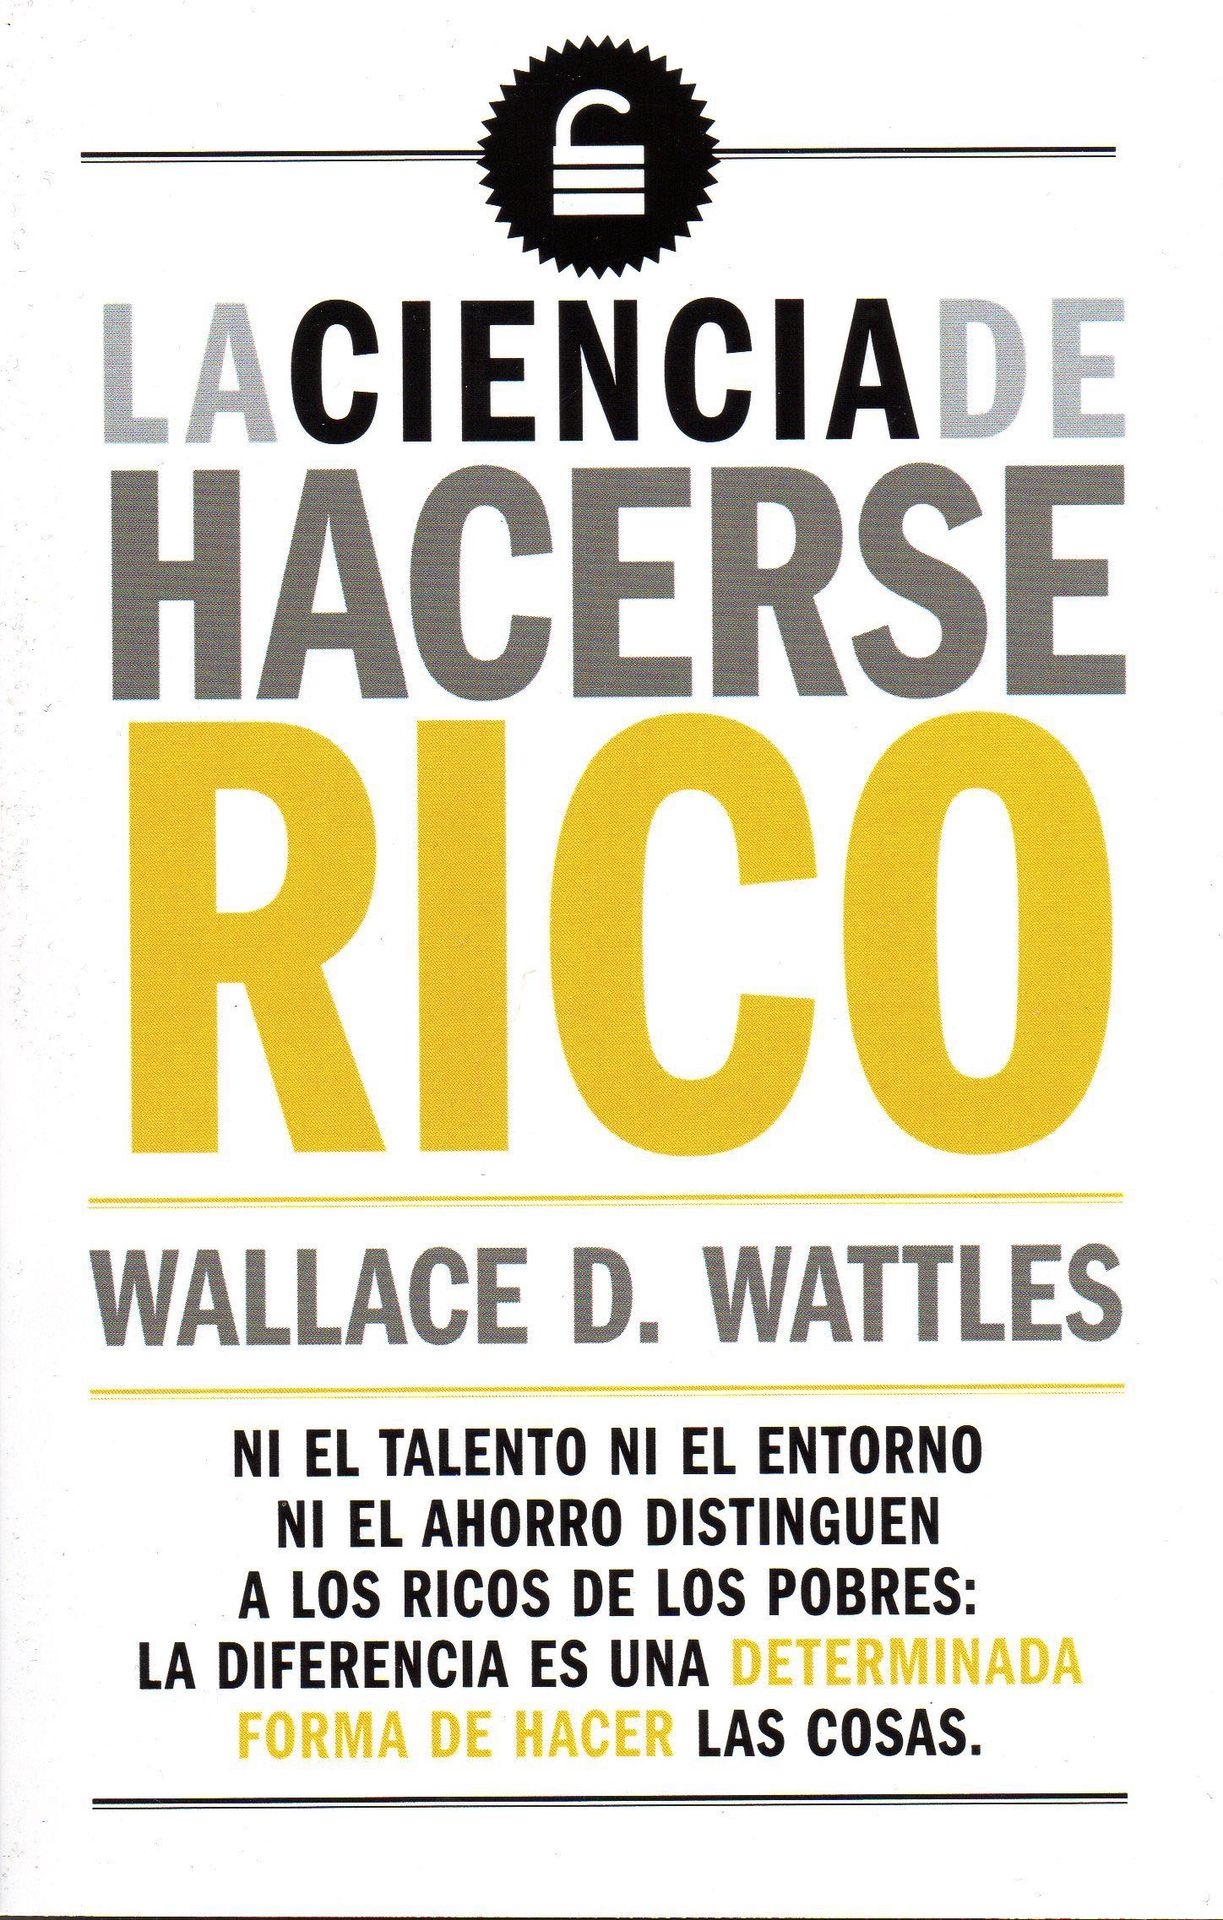 #ciencia #dinero #exito #exitoso #filosofia #hacer #mente #oro #prosperidad  #radical #rico #riqueza #sabiduria #salud #tener #virtud